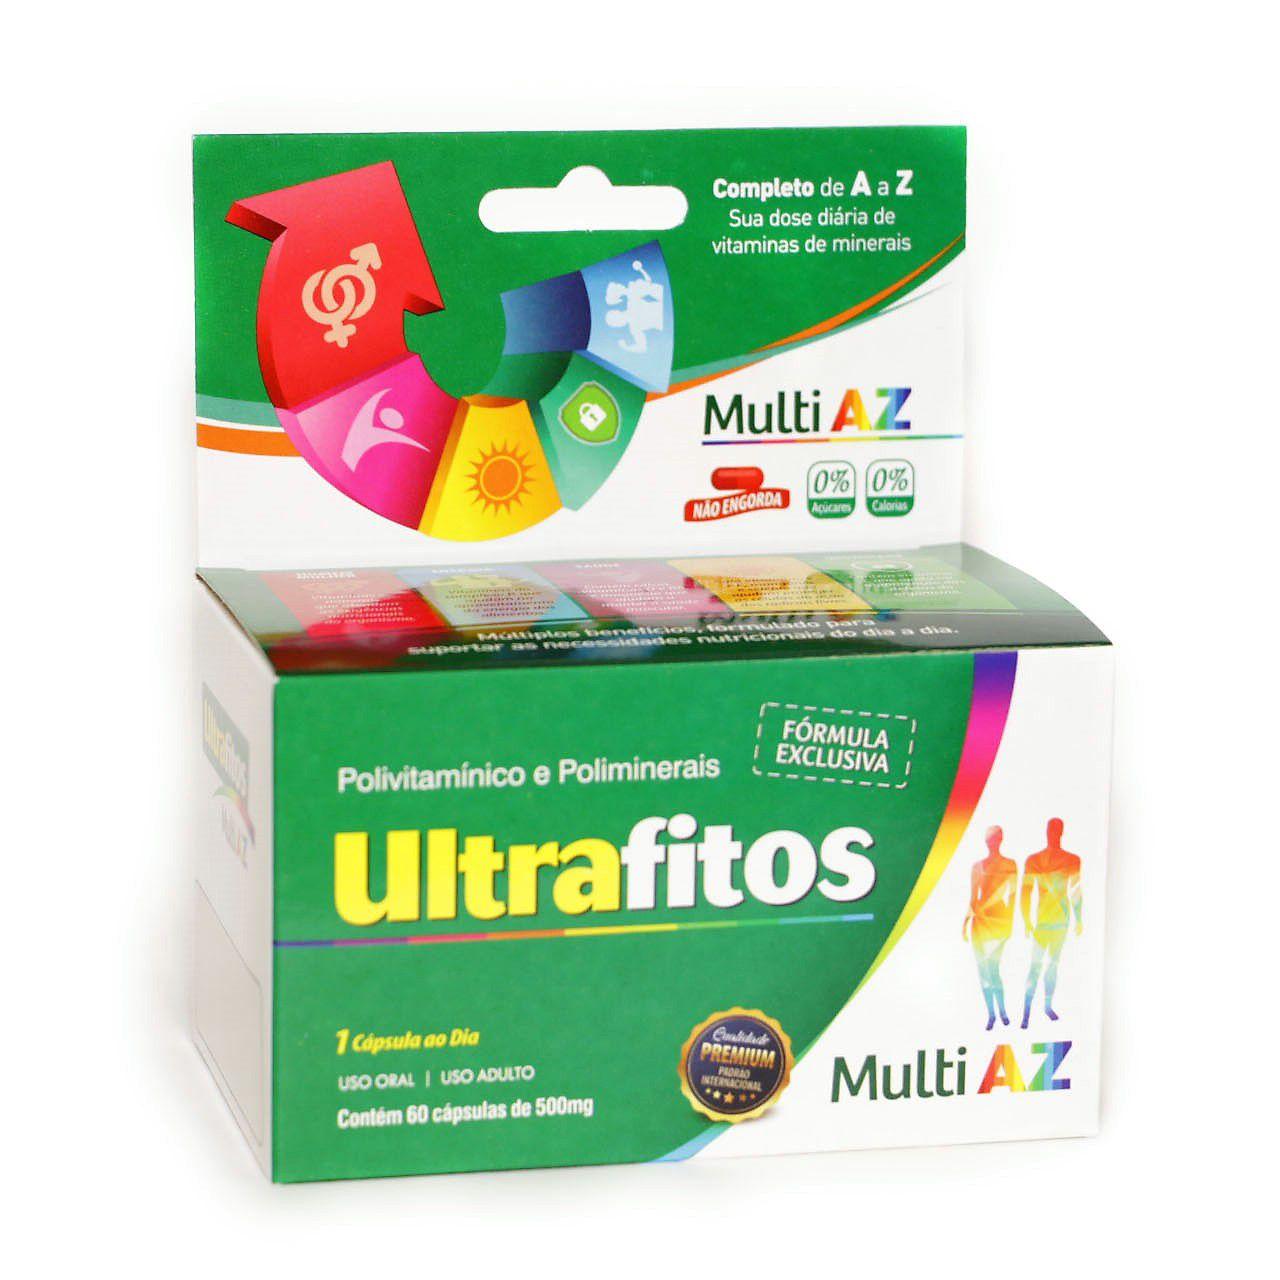 Ultrafitos Multi Az 500 Mg (Polivitamínico) - 60 cápsulas - Ultrafitos